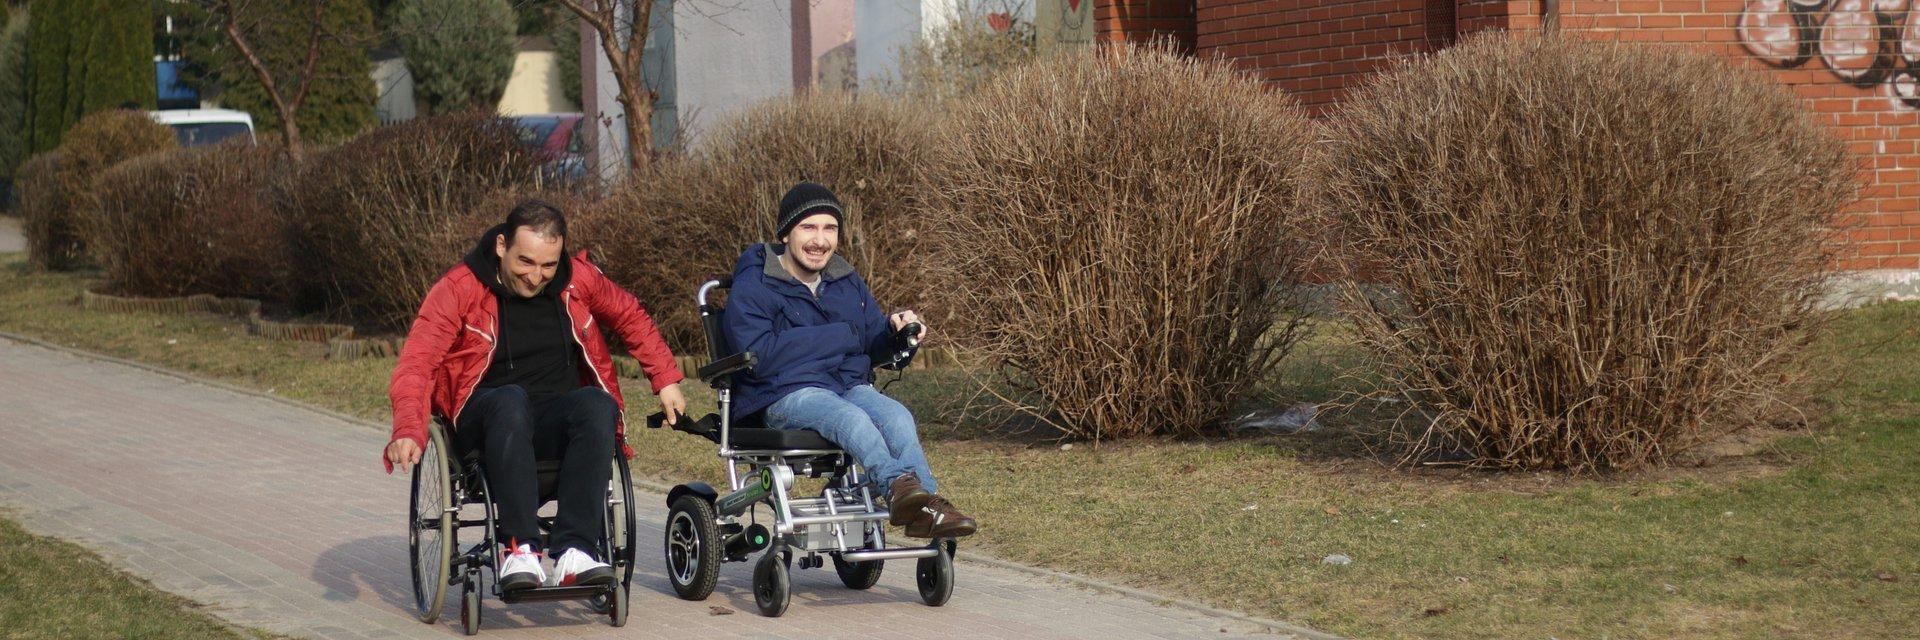 """""""To tylko kilka dni"""" nowym programem TTV, w którym znane osoby przejmują opiekę nad osobami z niepełnosprawnościami. Emisja serii od 16 maja."""